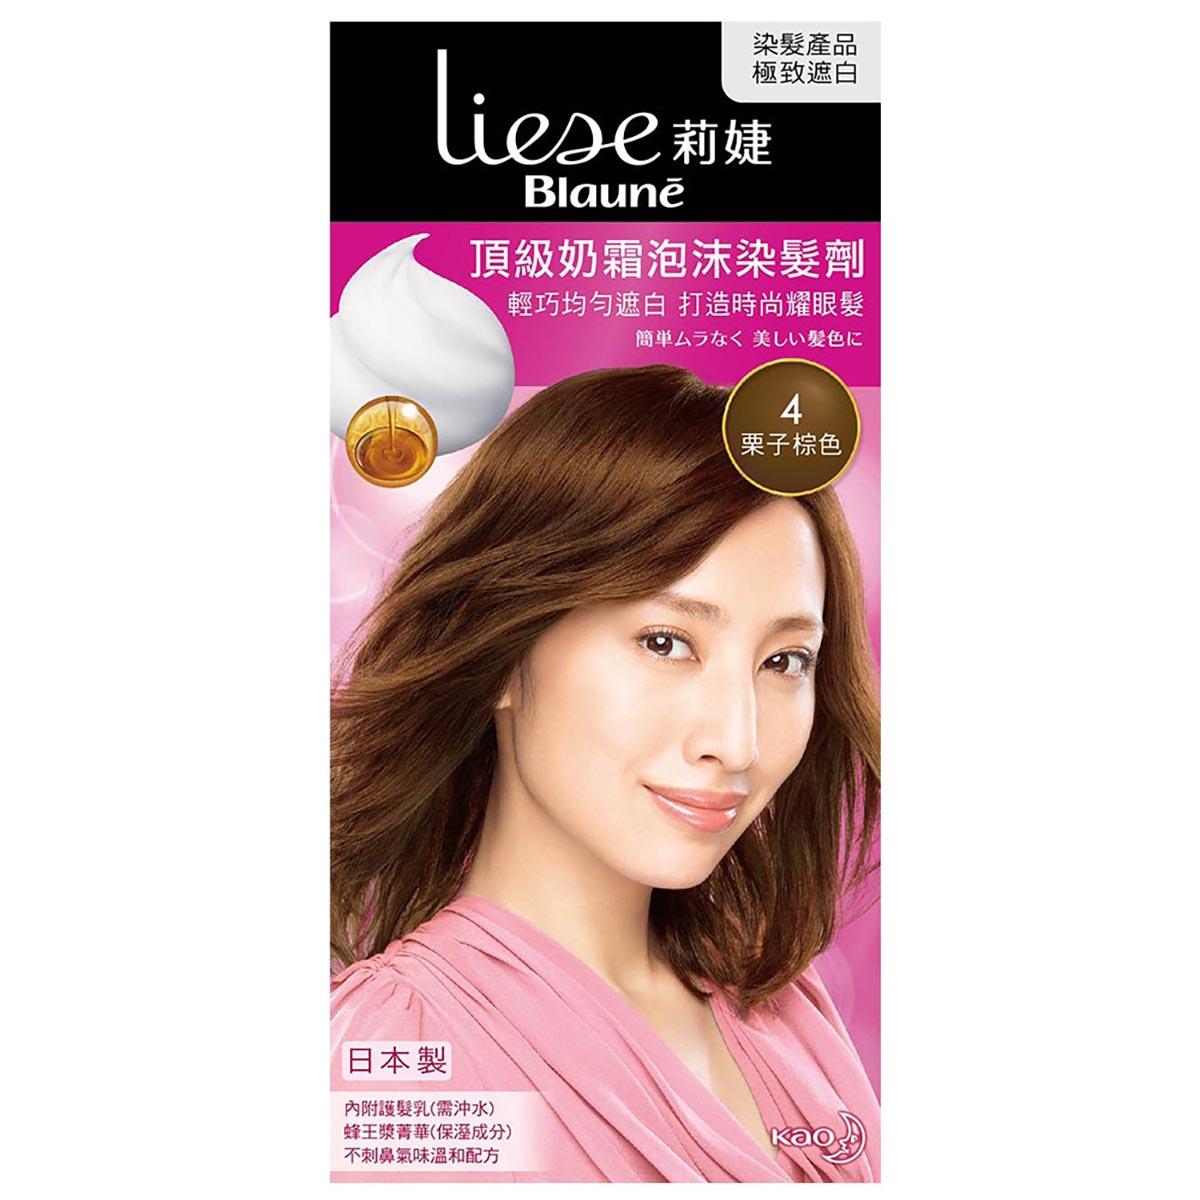 莉婕頂級奶霜泡沫染髮劑-栗子棕色